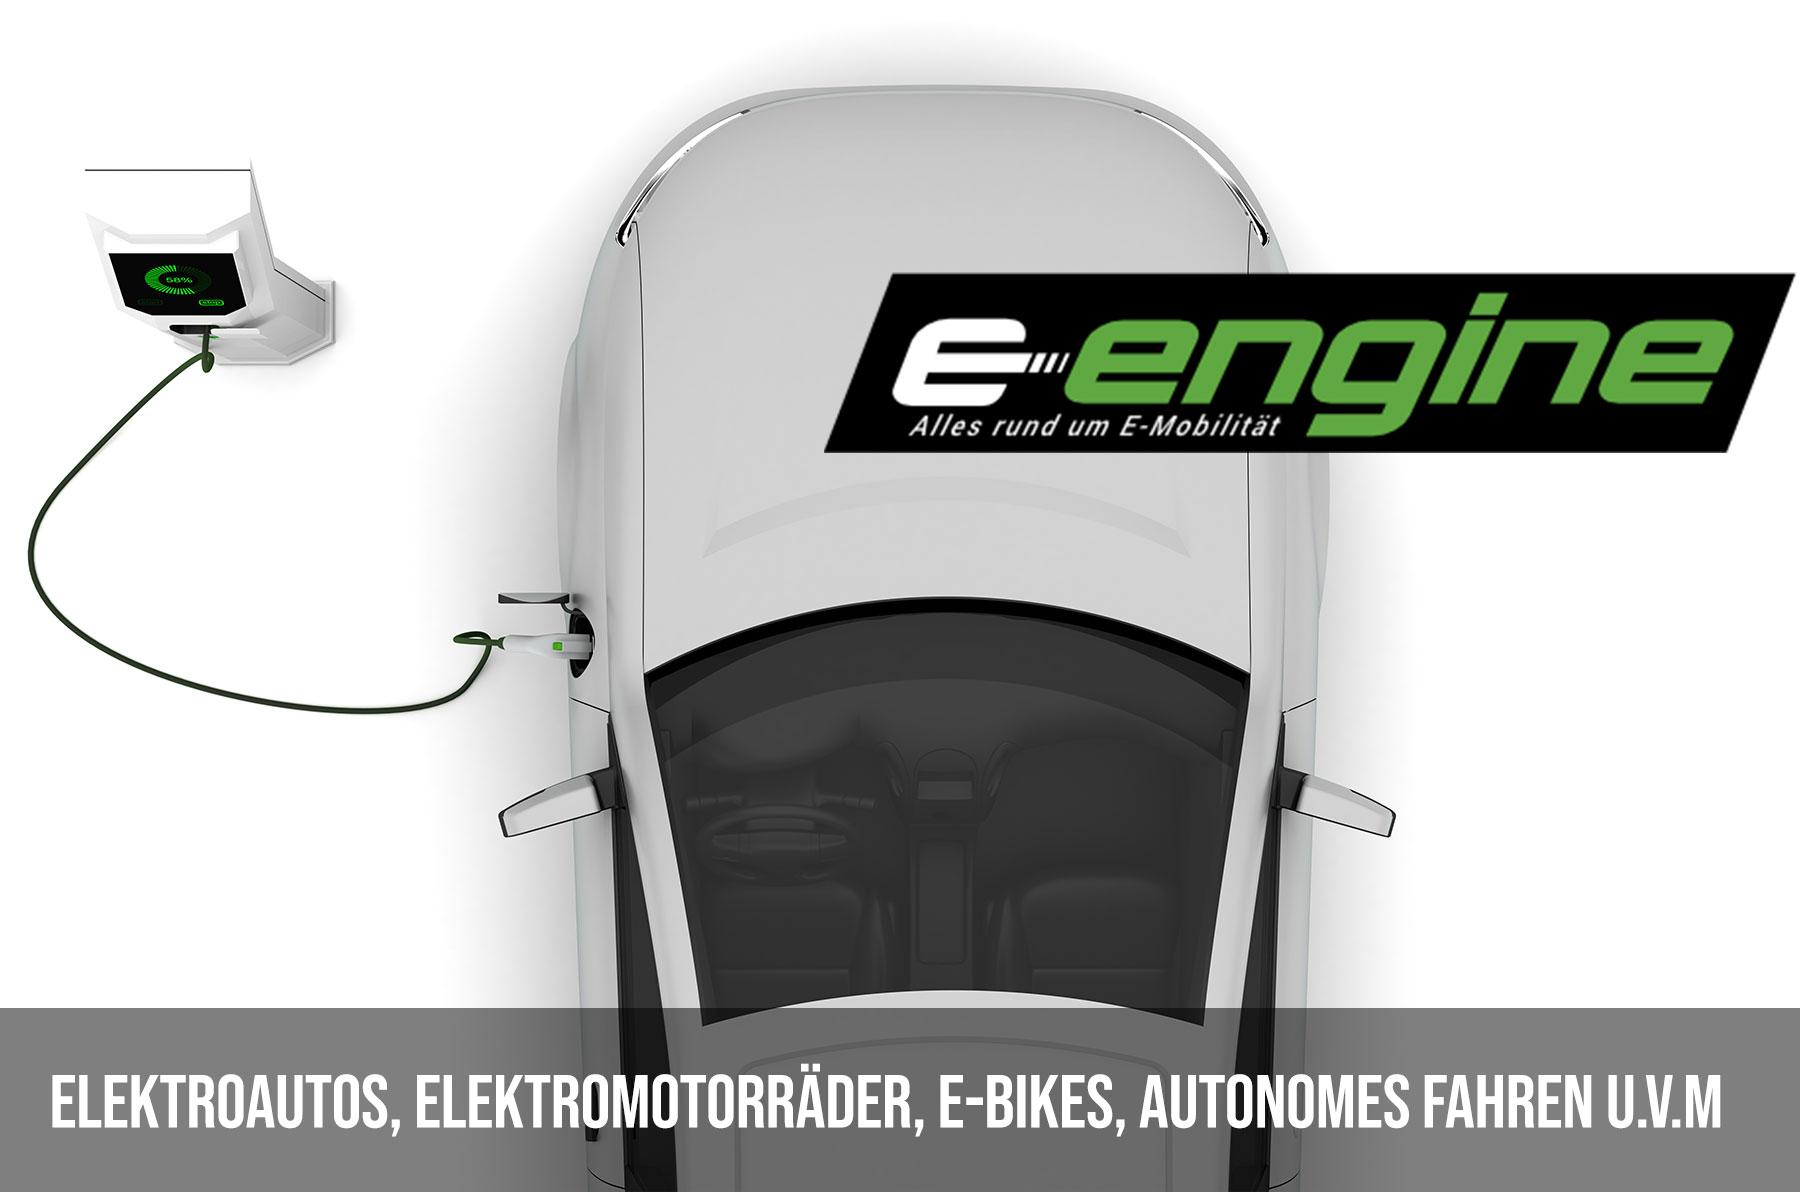 The Long Way Up: Reichweitenangst und Abenteuer auf 21.000 Kilometern - e-engine - Alles rund um E-Mobilität